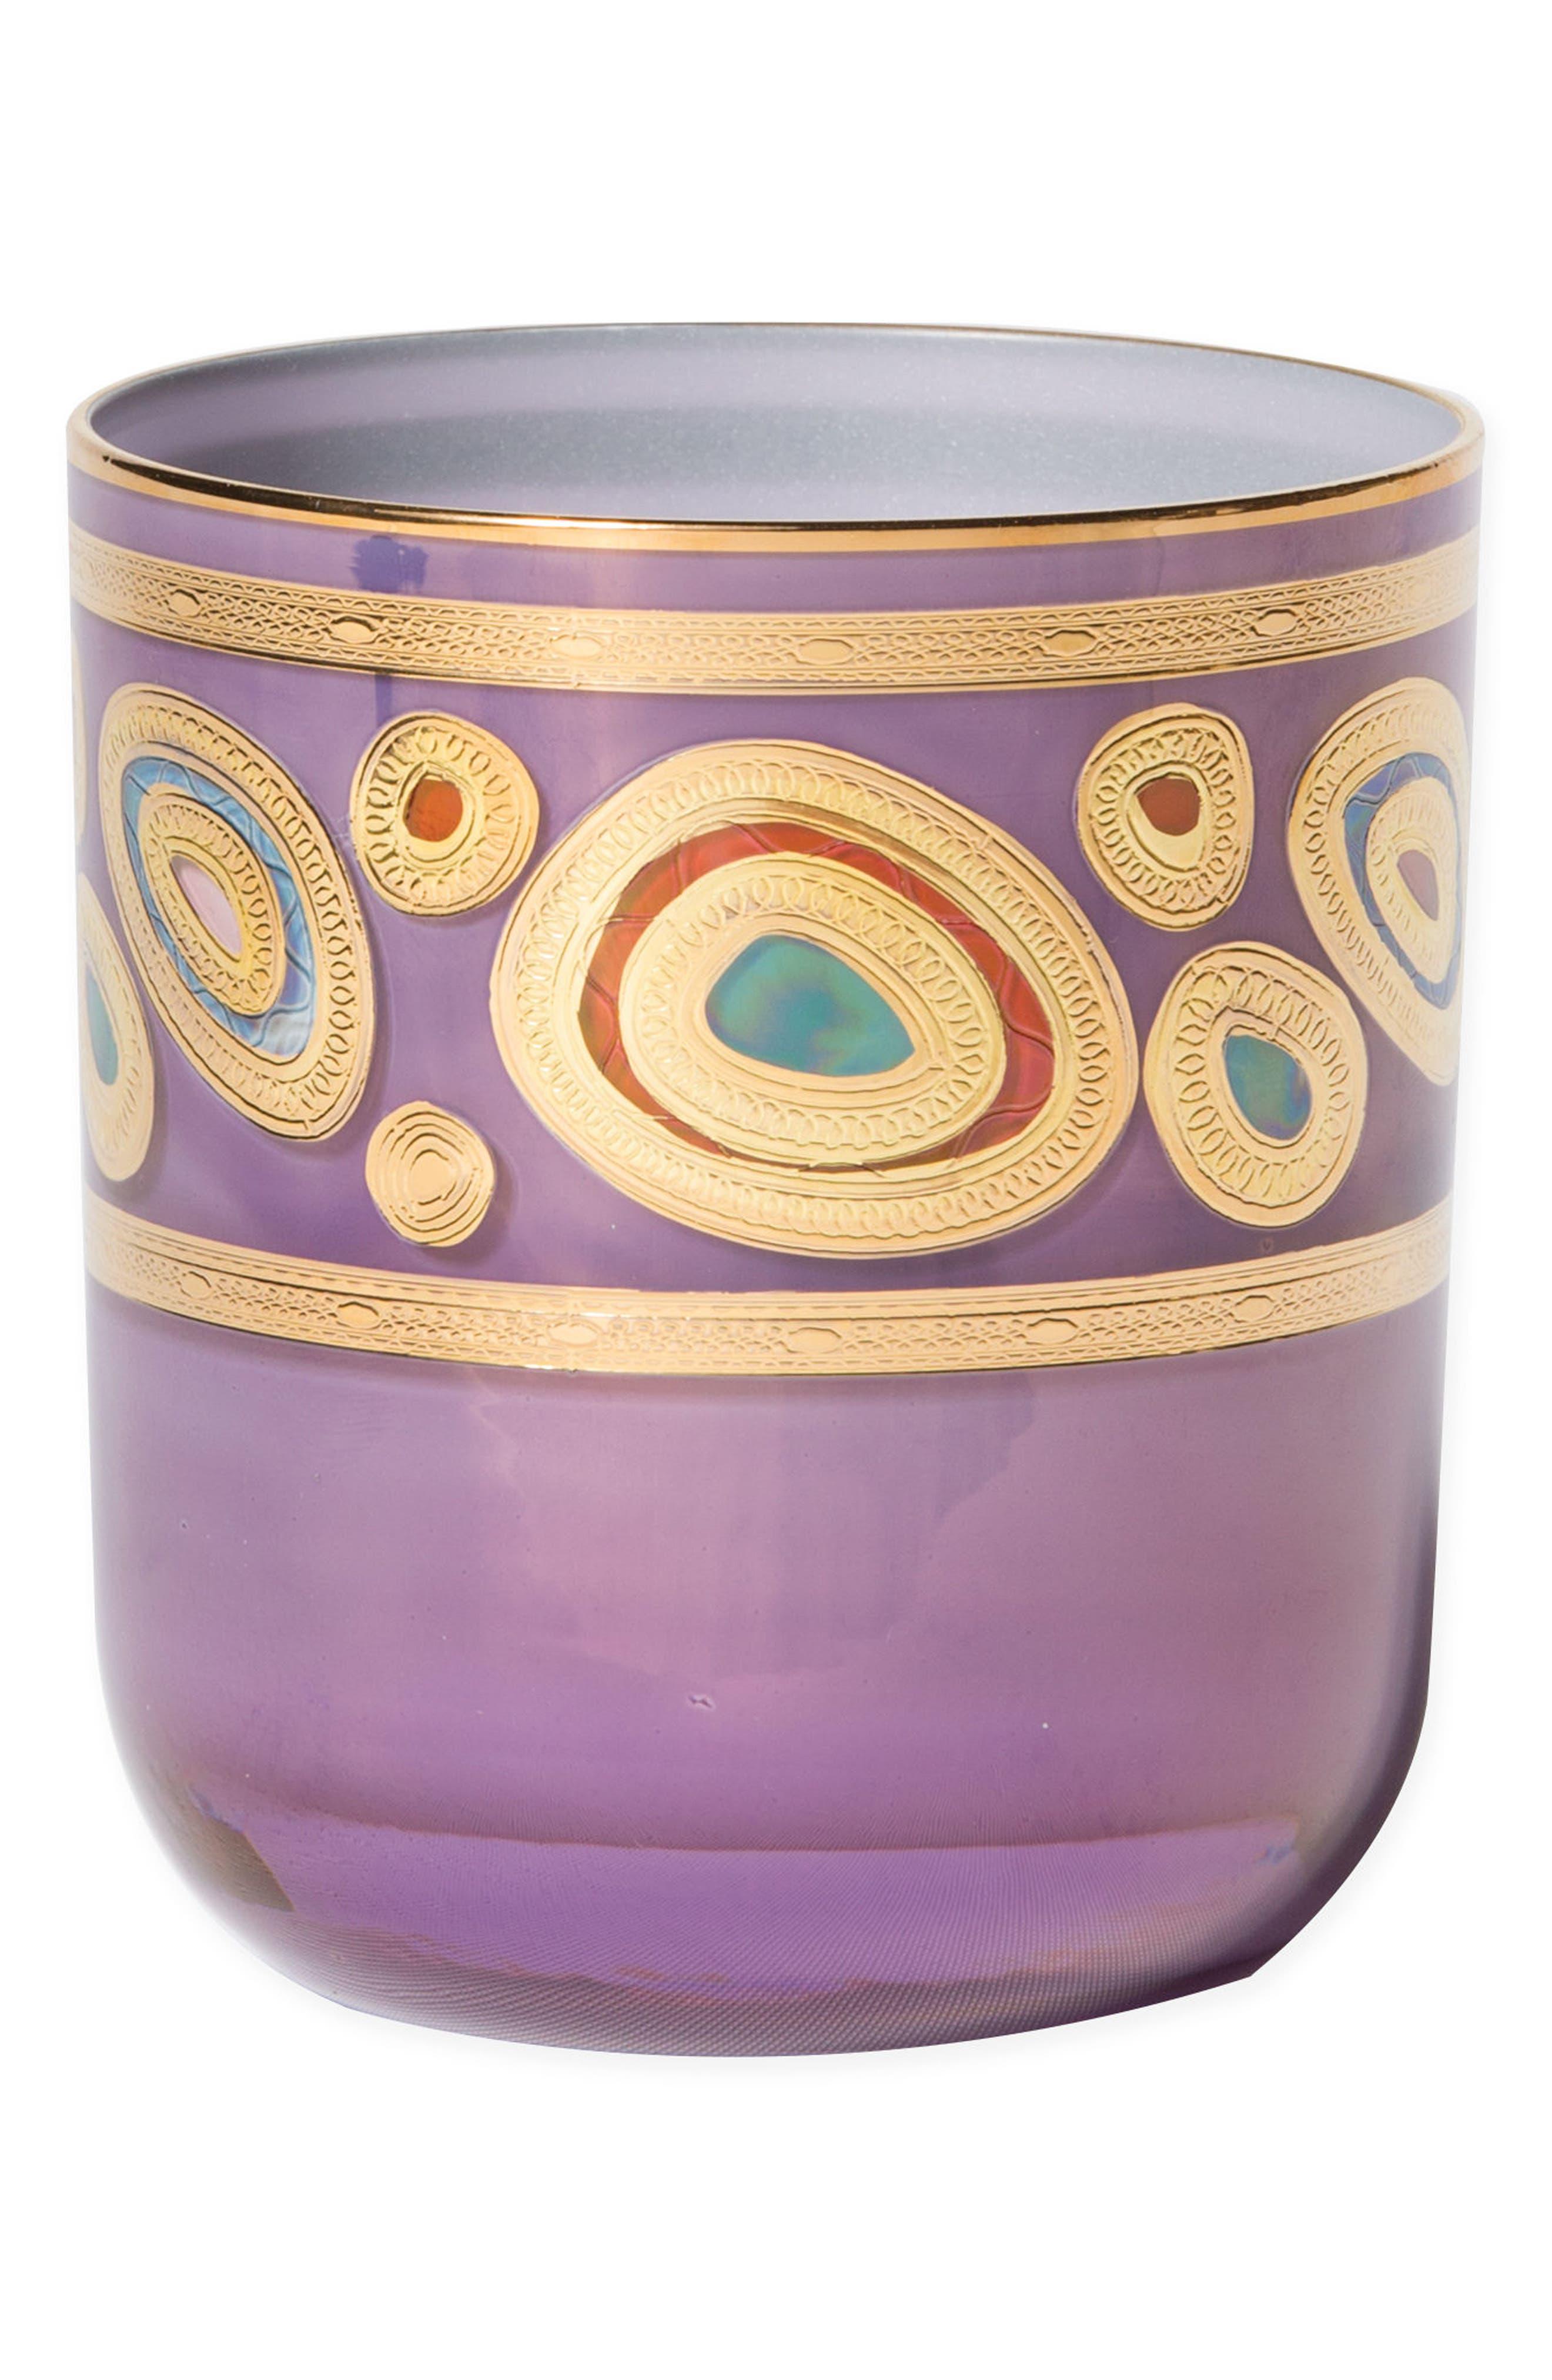 VIETRI Regalia Double Old-Fashioned Glass